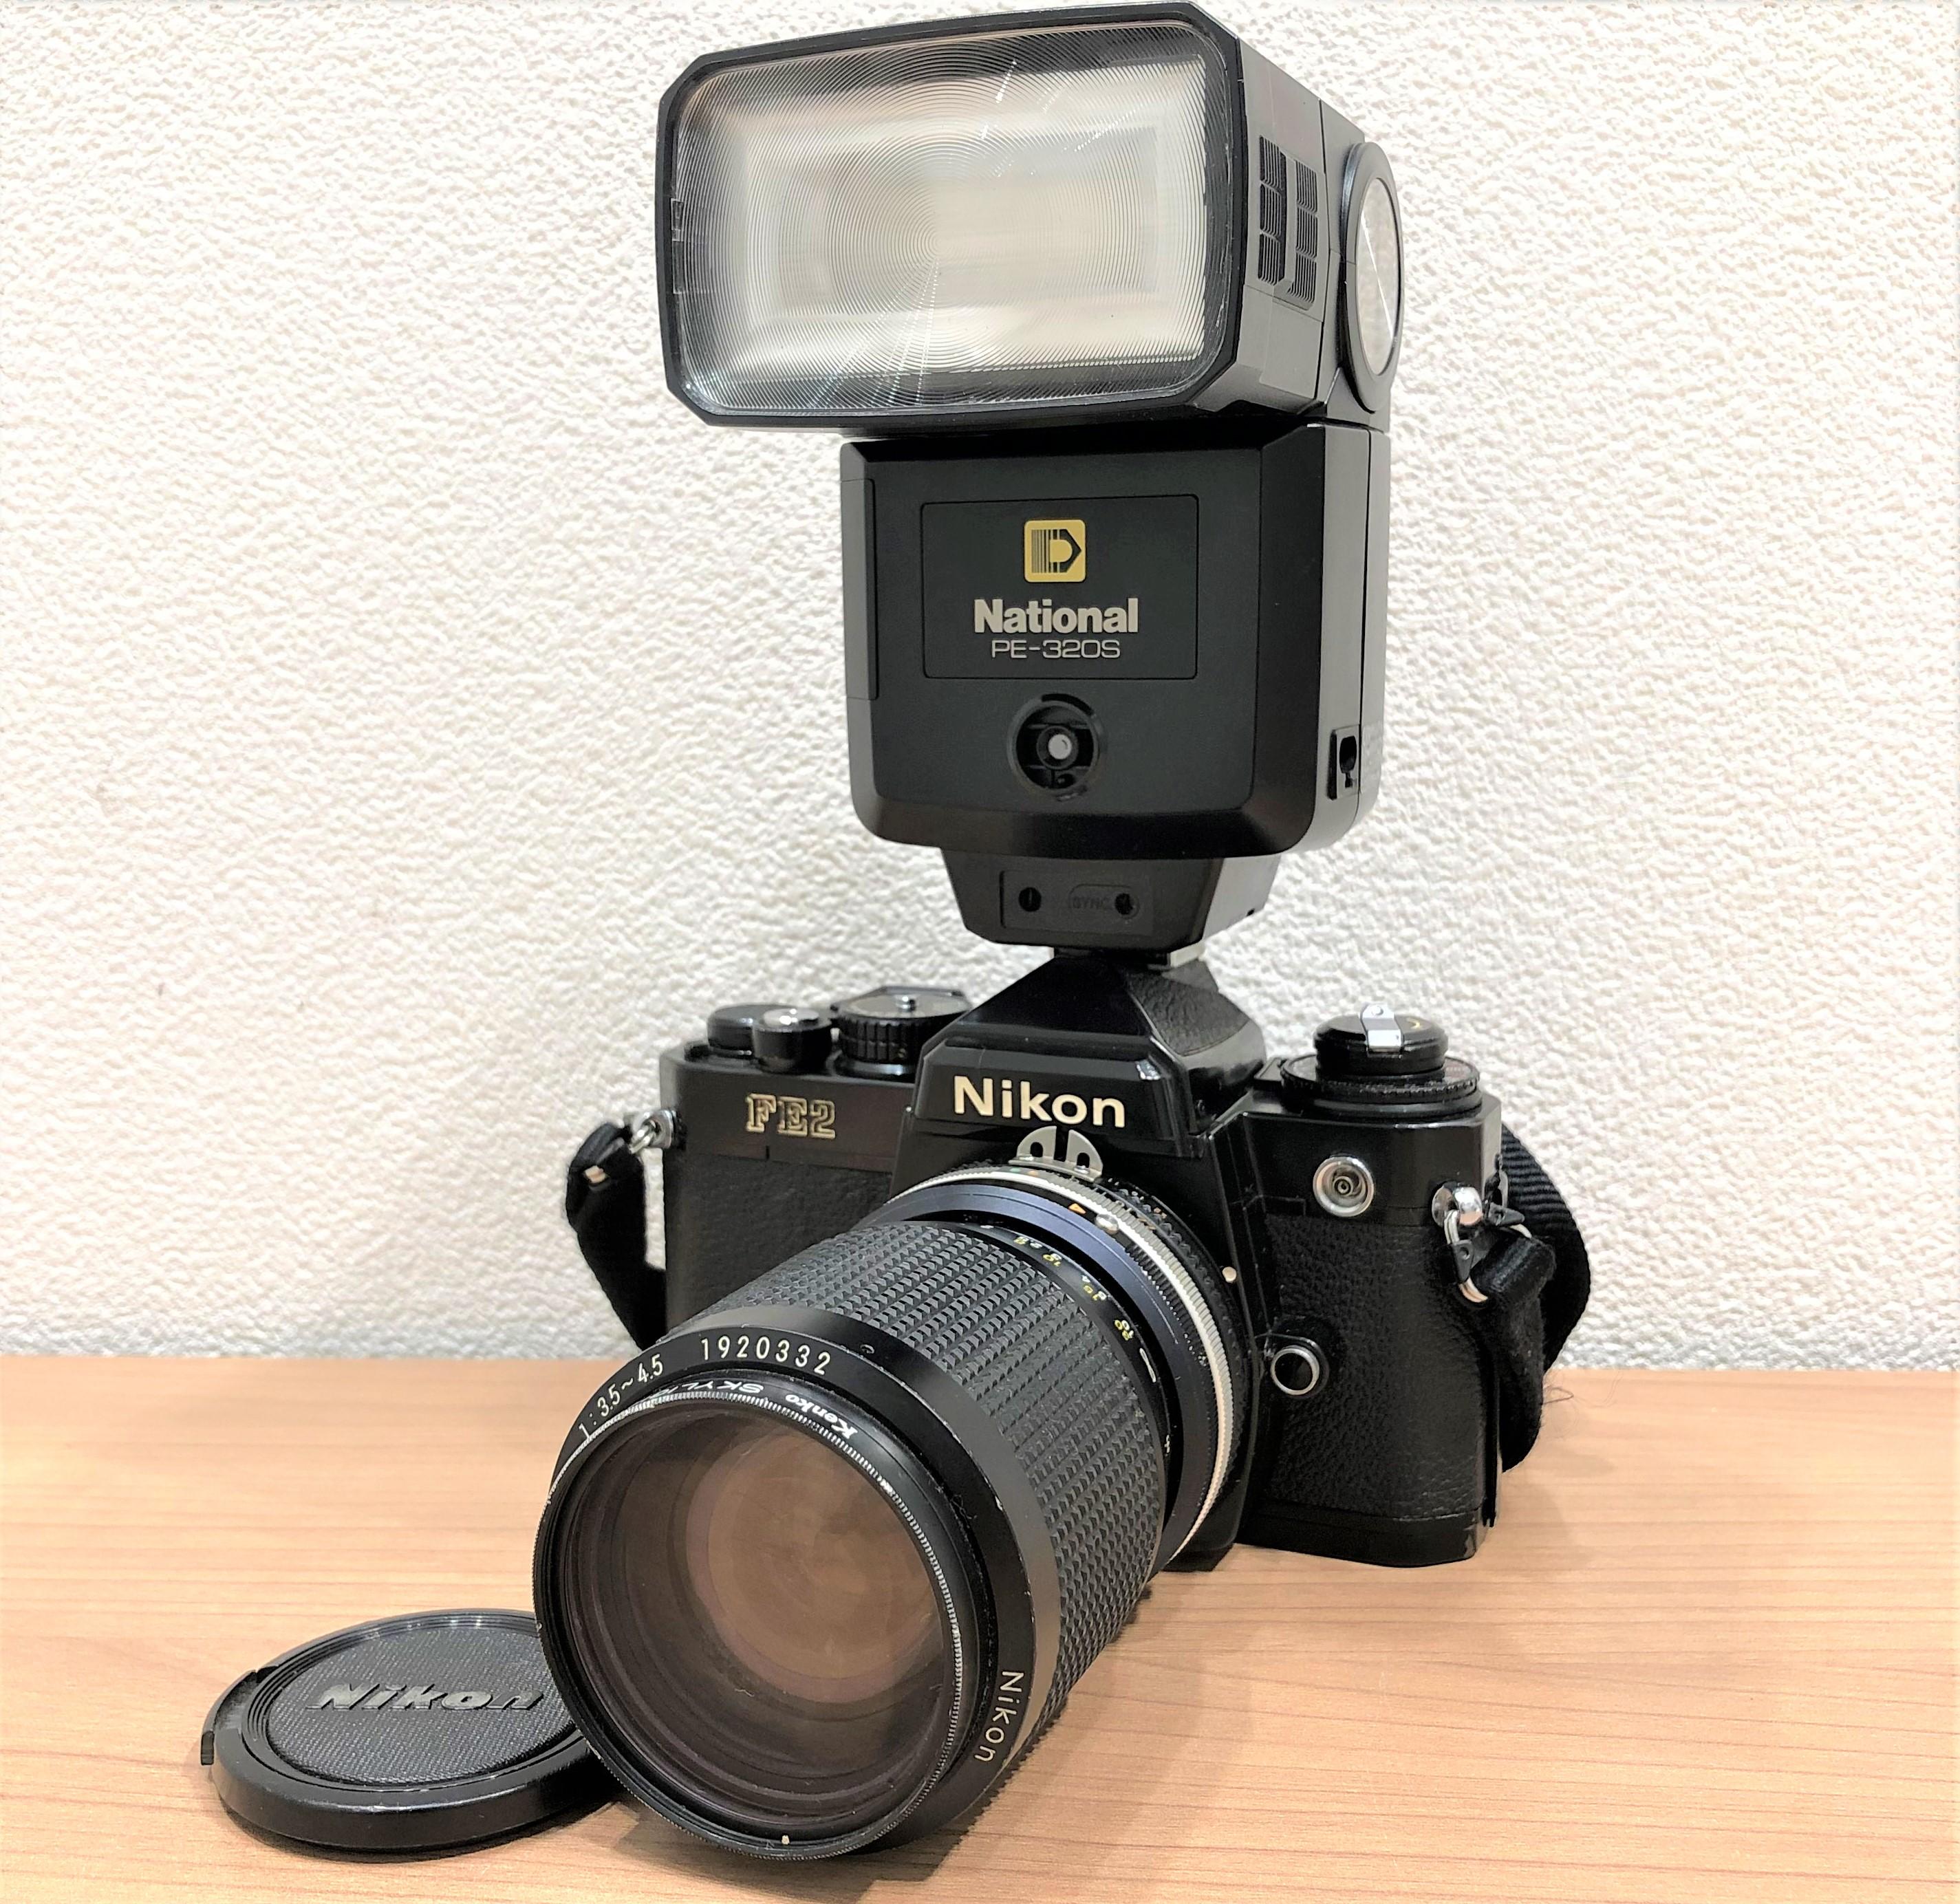 【Nikon/ニコン】EF2 一眼レフフィルムカメラ